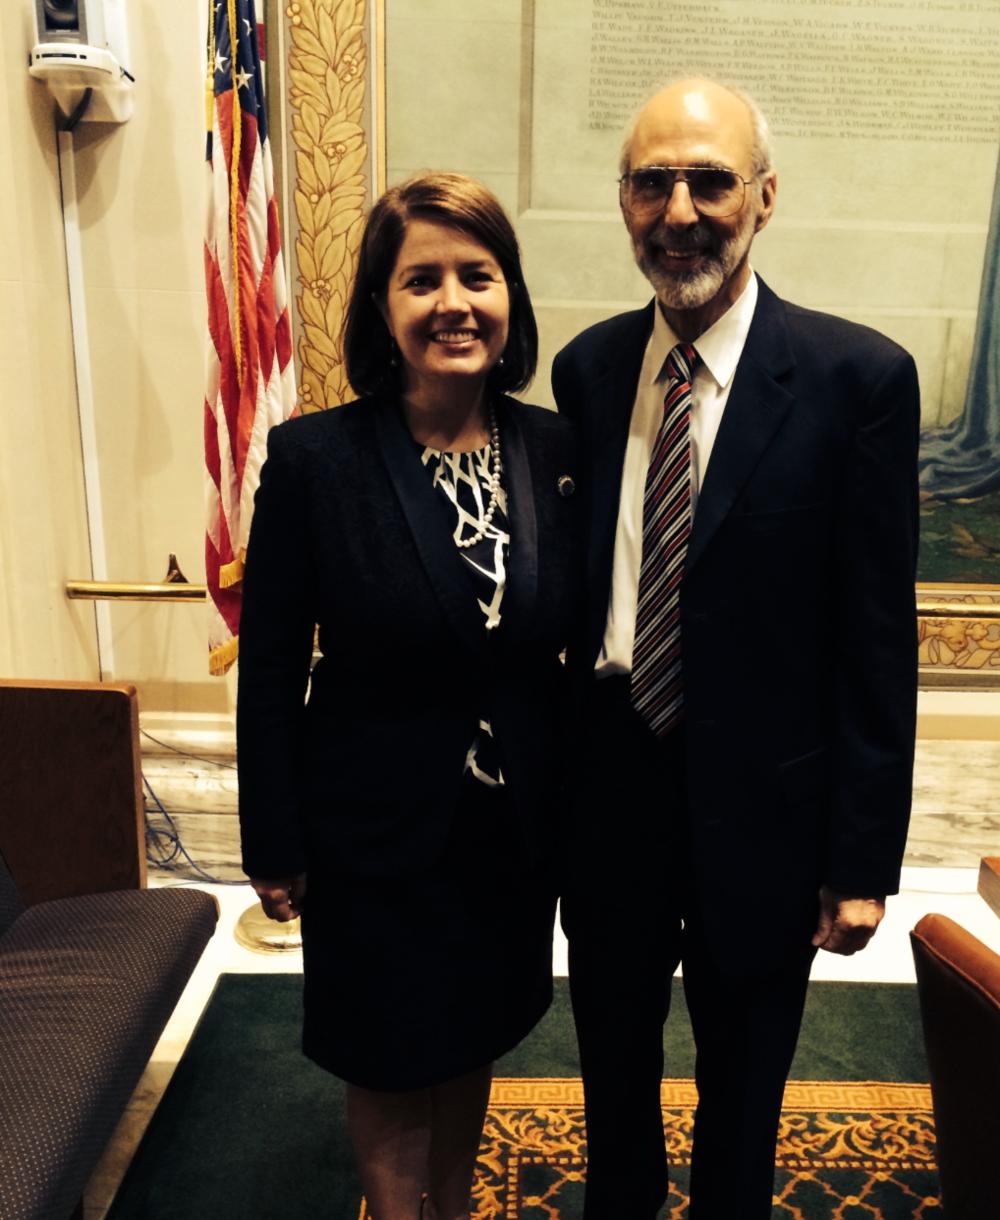 Amber Sharples, Oklahoma Arts Council and Jonathan Katz, National Assembly of State Arts Agencies